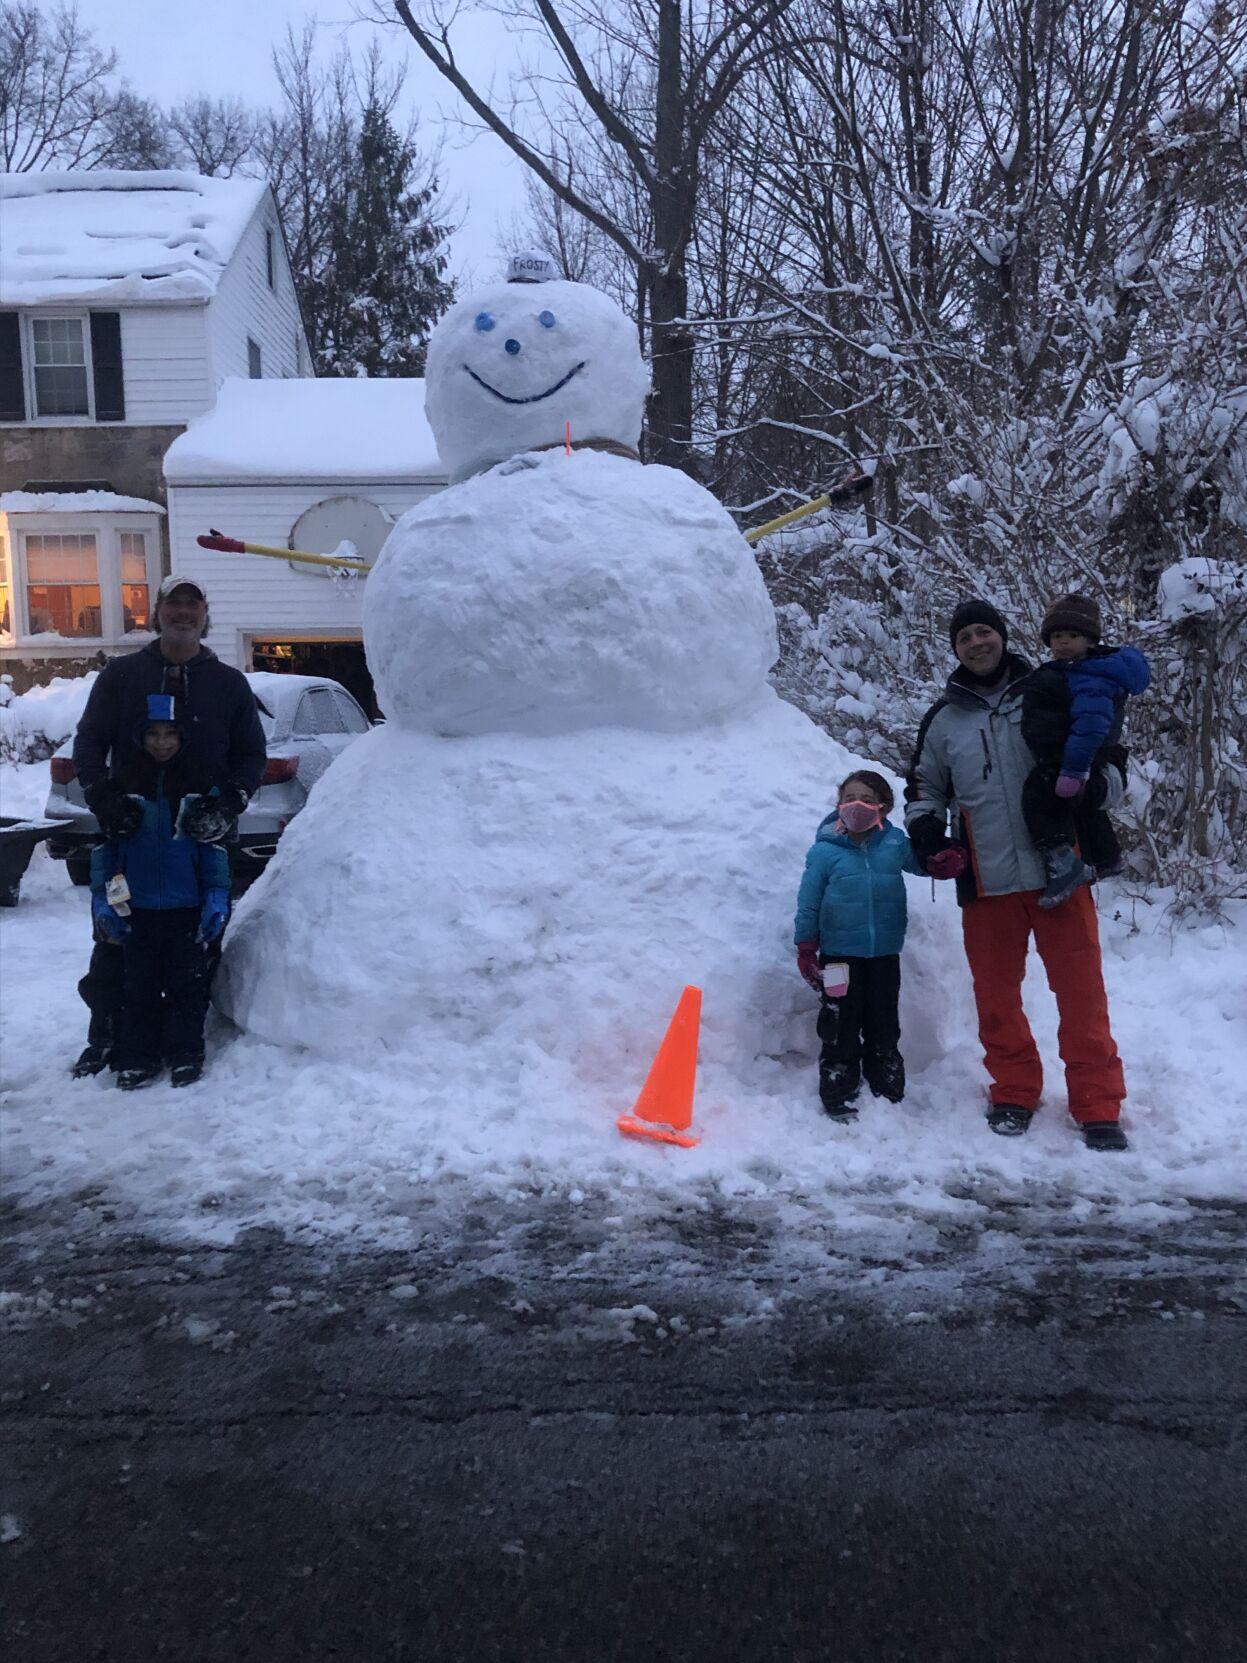 Now THATS a snowman Photo by Stefanie Borg.jpg